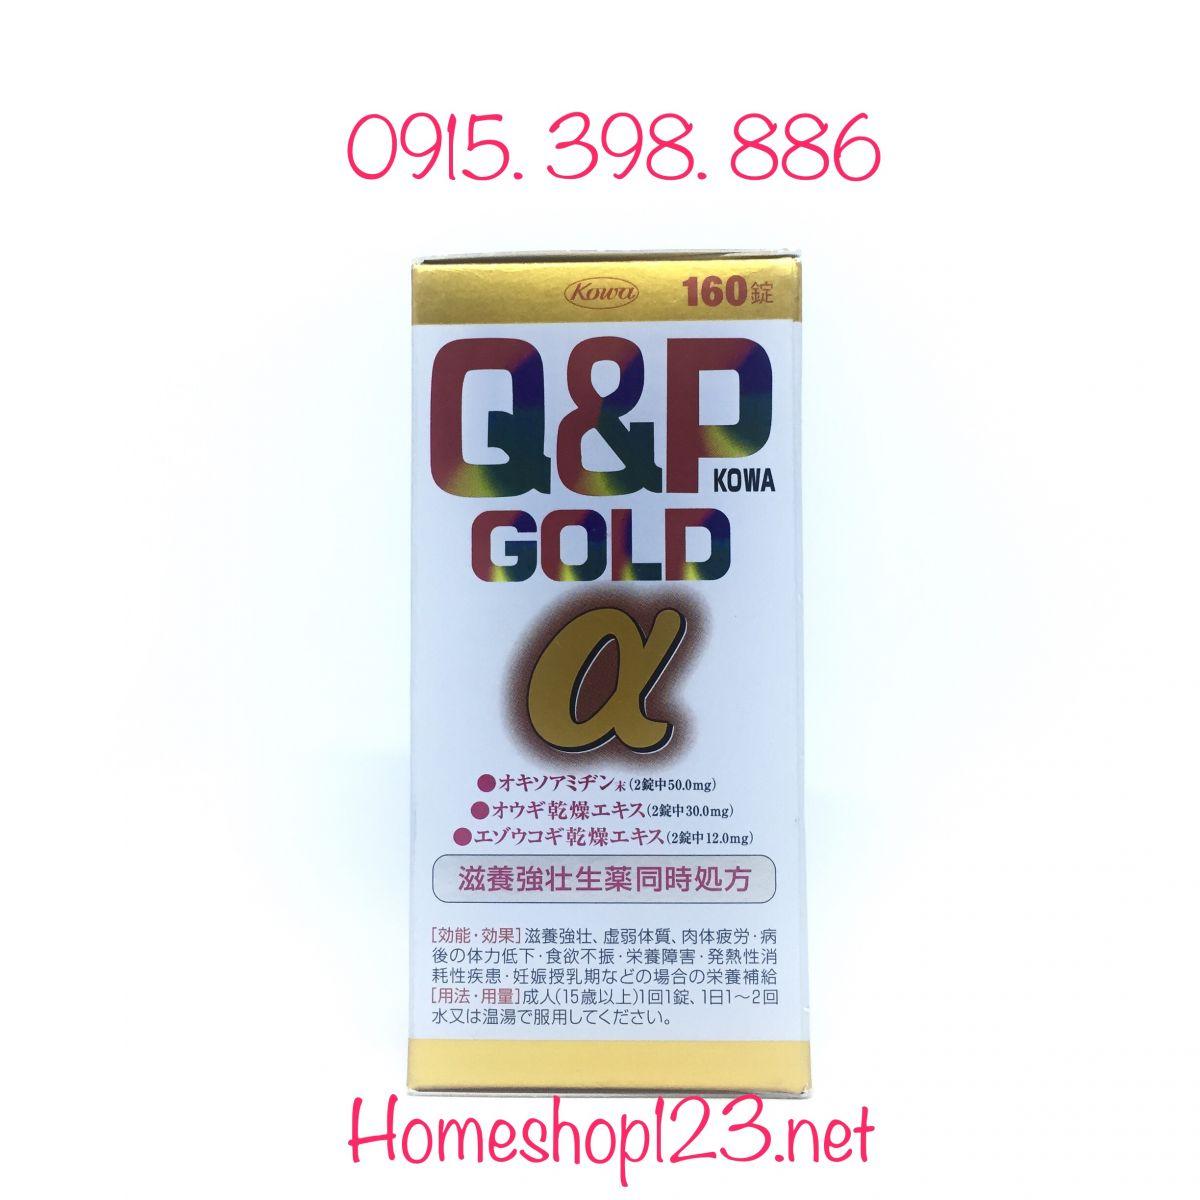 P&Q Gold 160 viên chống suy nhược, tăng cường đề kháng tốt nhất nhật bản